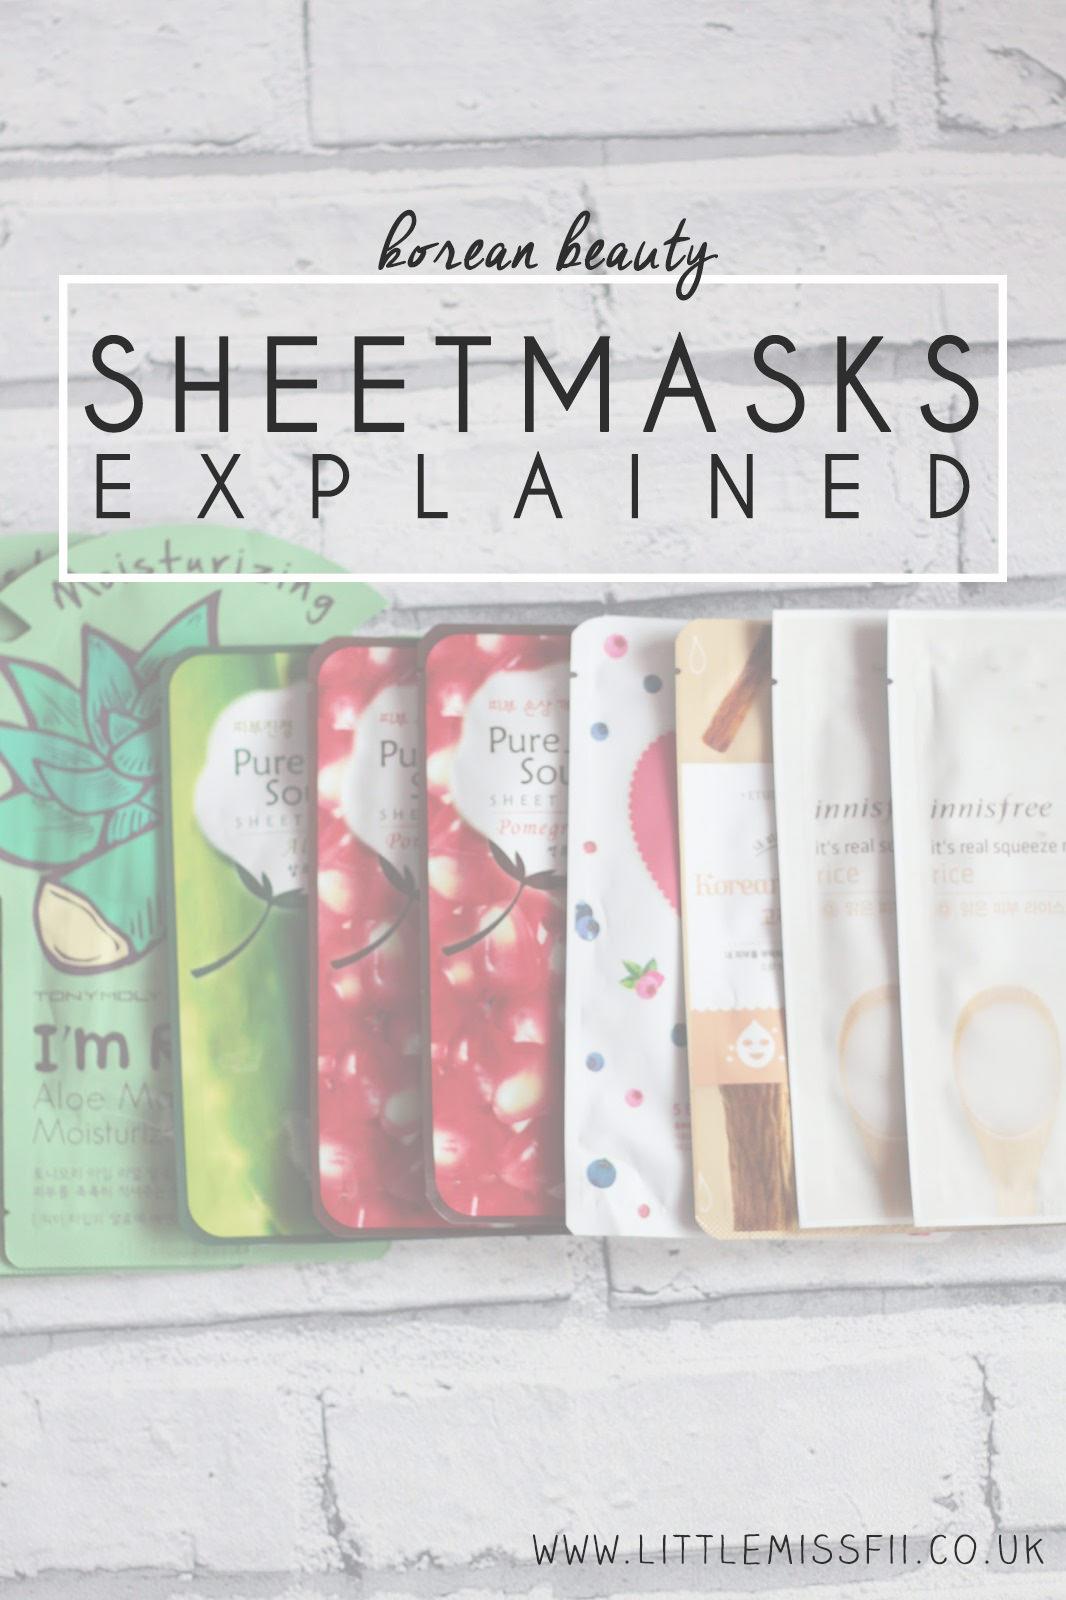 korean beauty secrets explained - sheetmasks